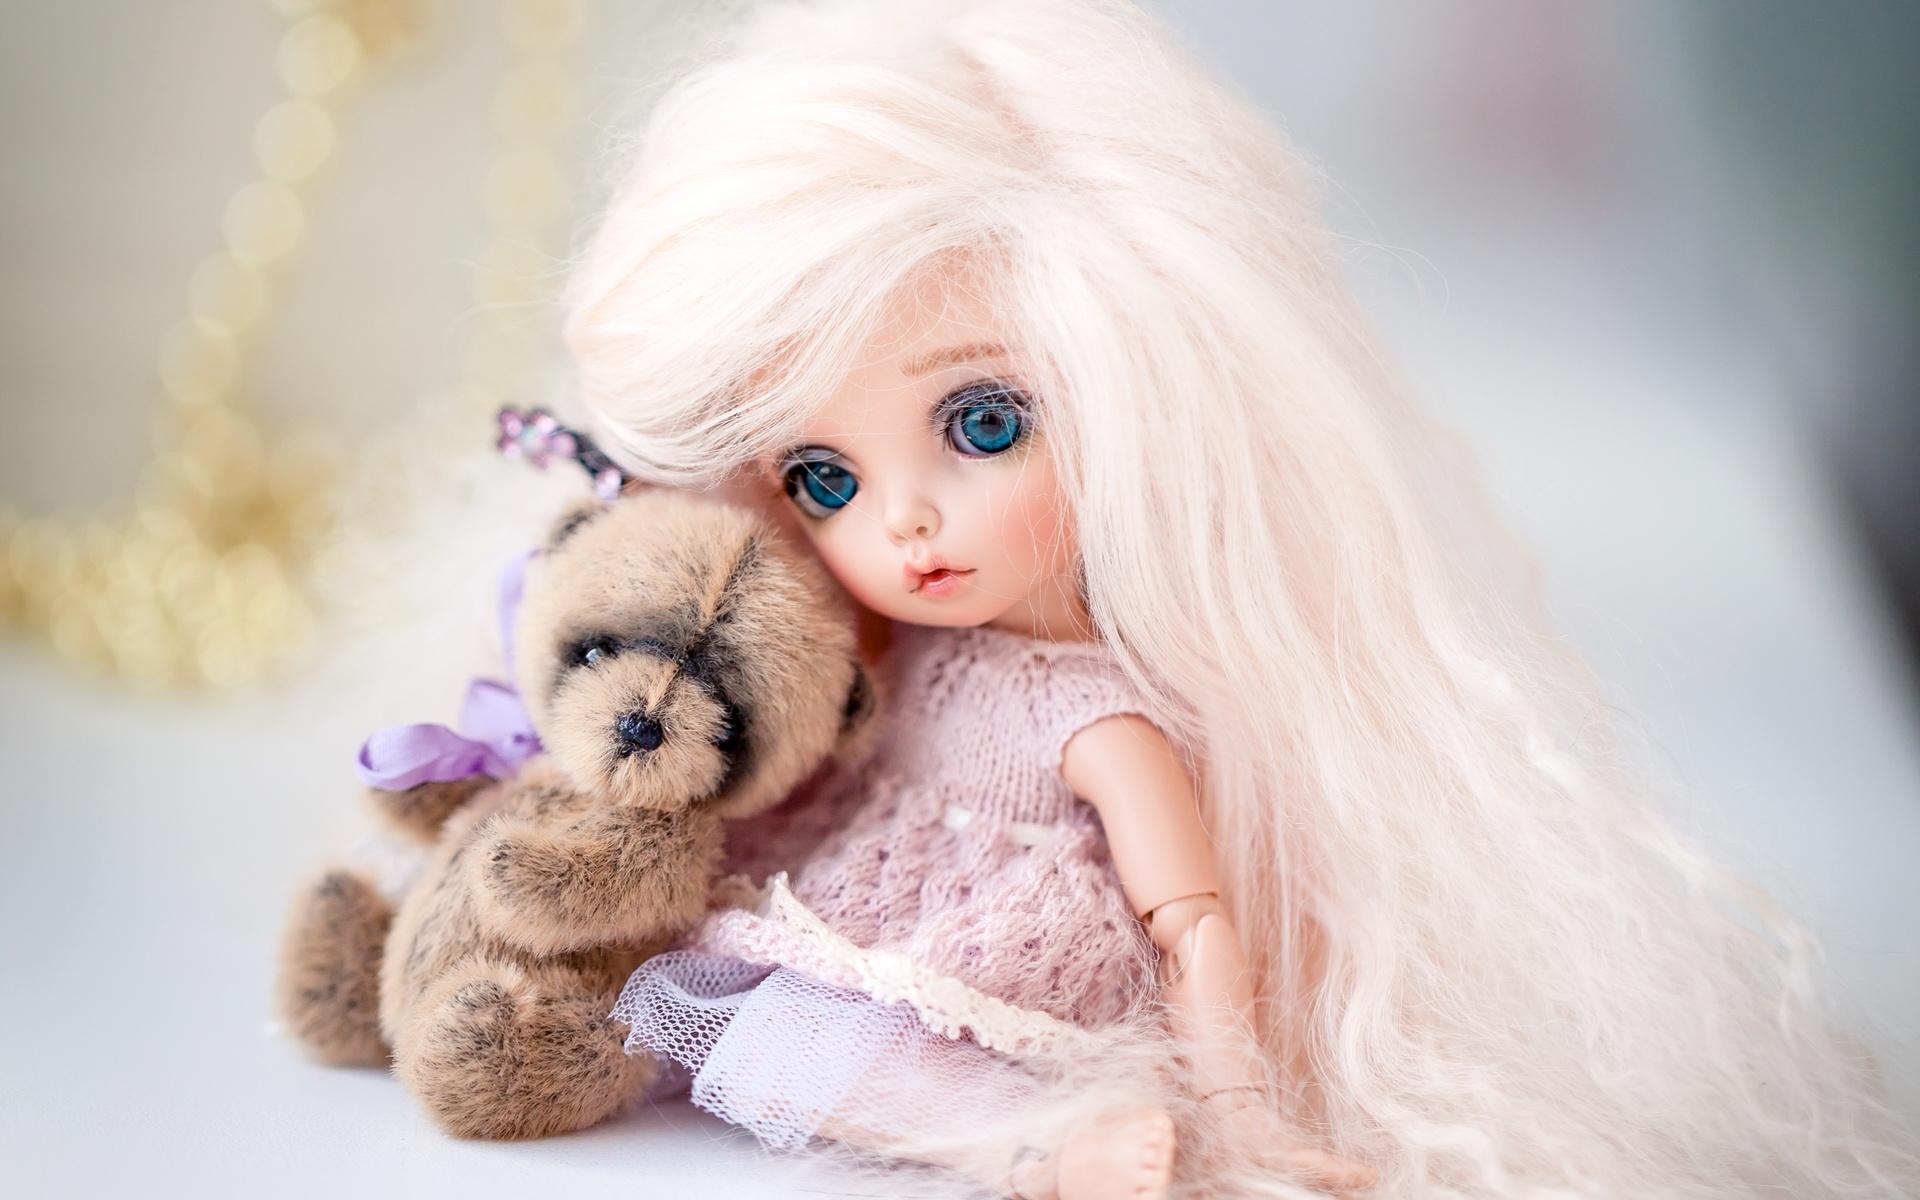 определения картинки с куклами и мишками было невероятное